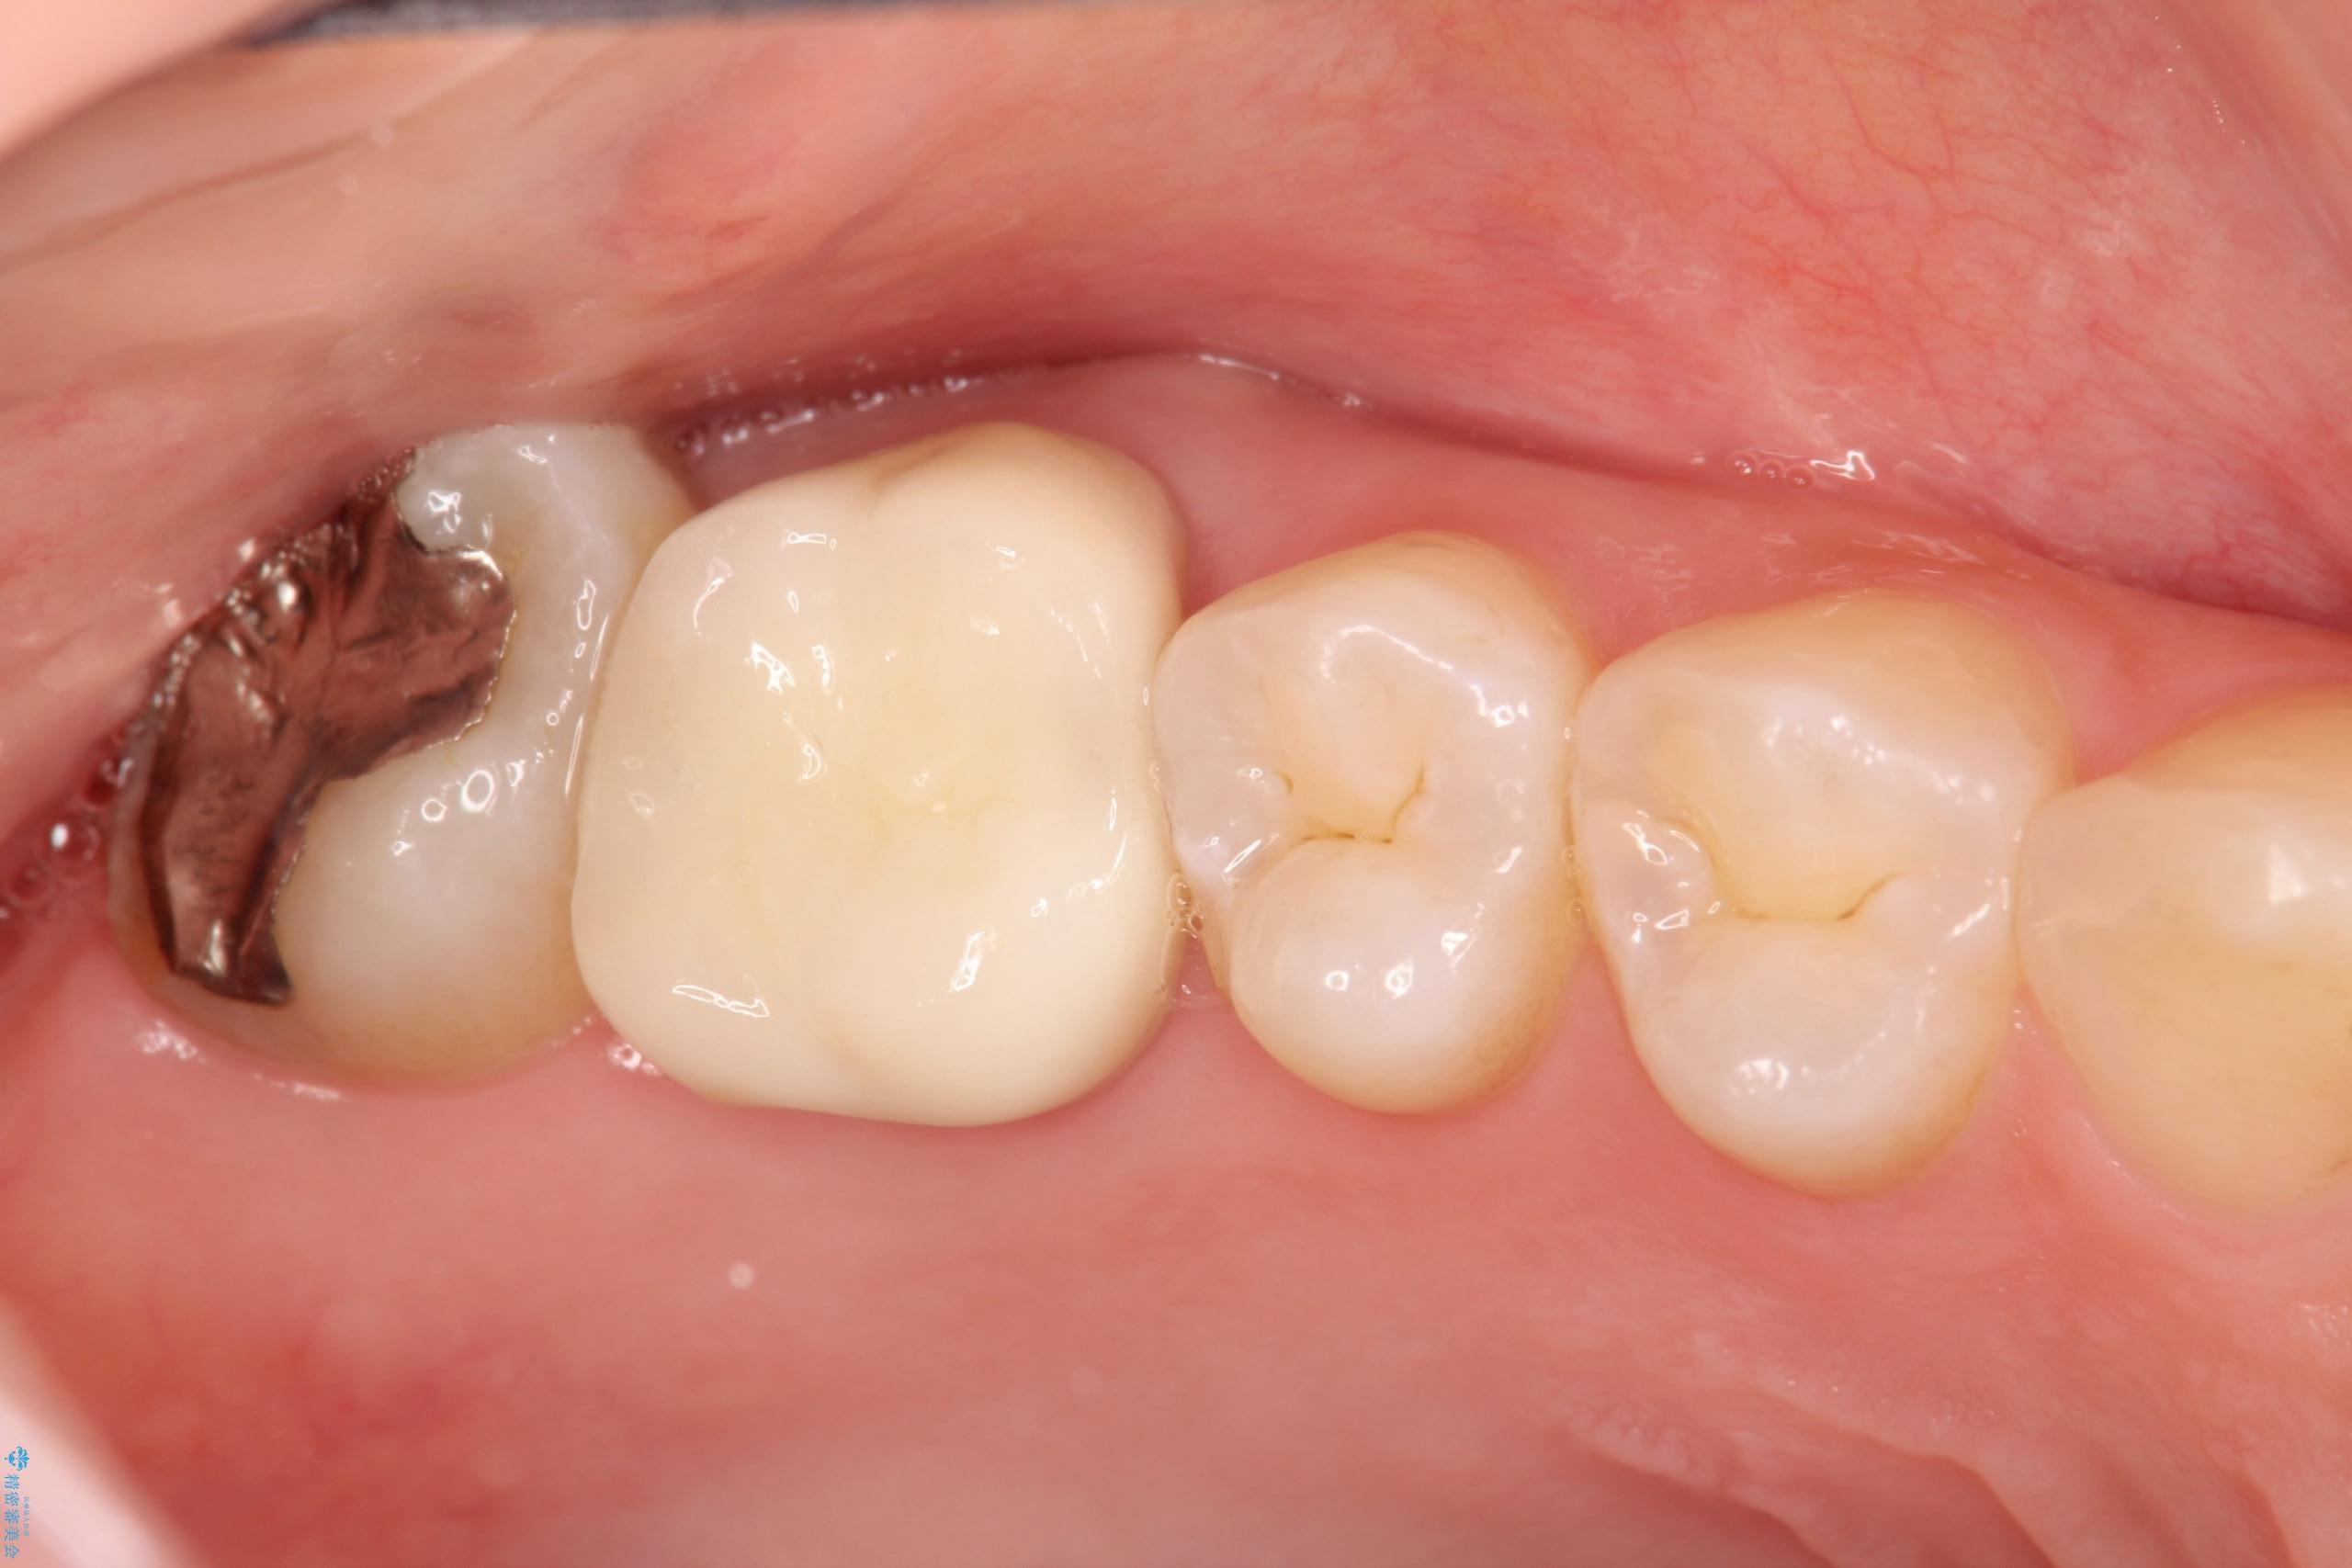 20代女性 歯茎が腫れた 歯の根とセラミック治療(ビフォーアフター) 治療後